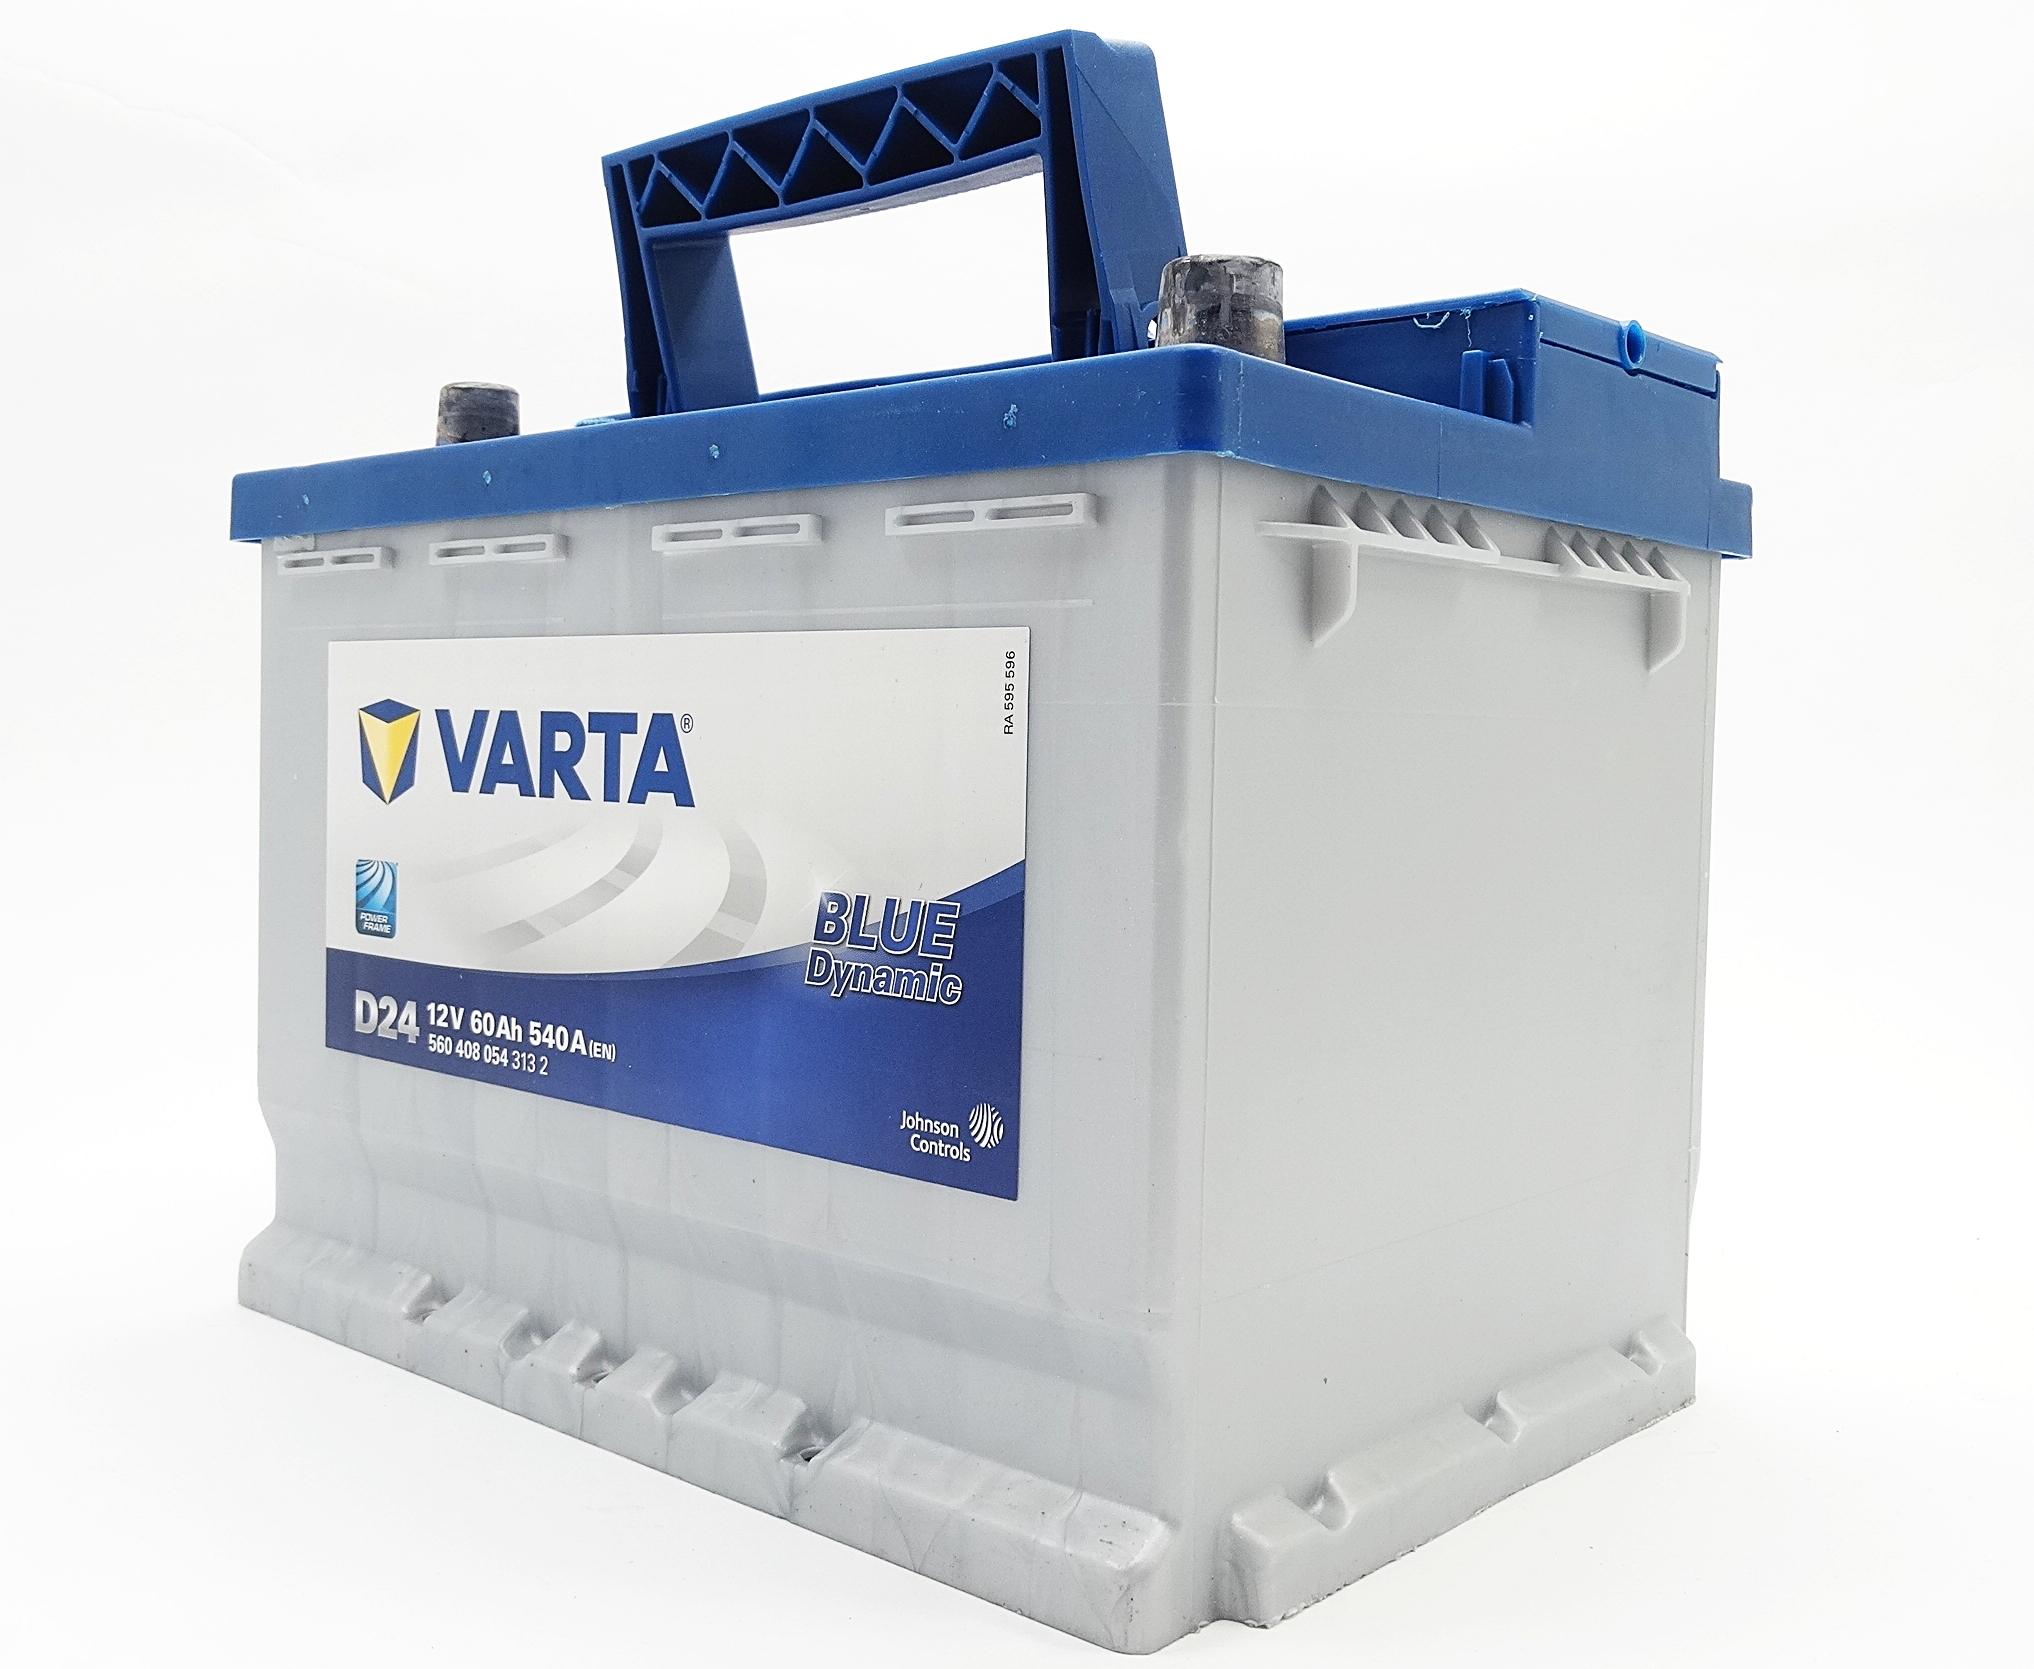 varta blue dynamic autobatterie d24 12v 60ah 540a starterbatterie 560408054 ebay. Black Bedroom Furniture Sets. Home Design Ideas